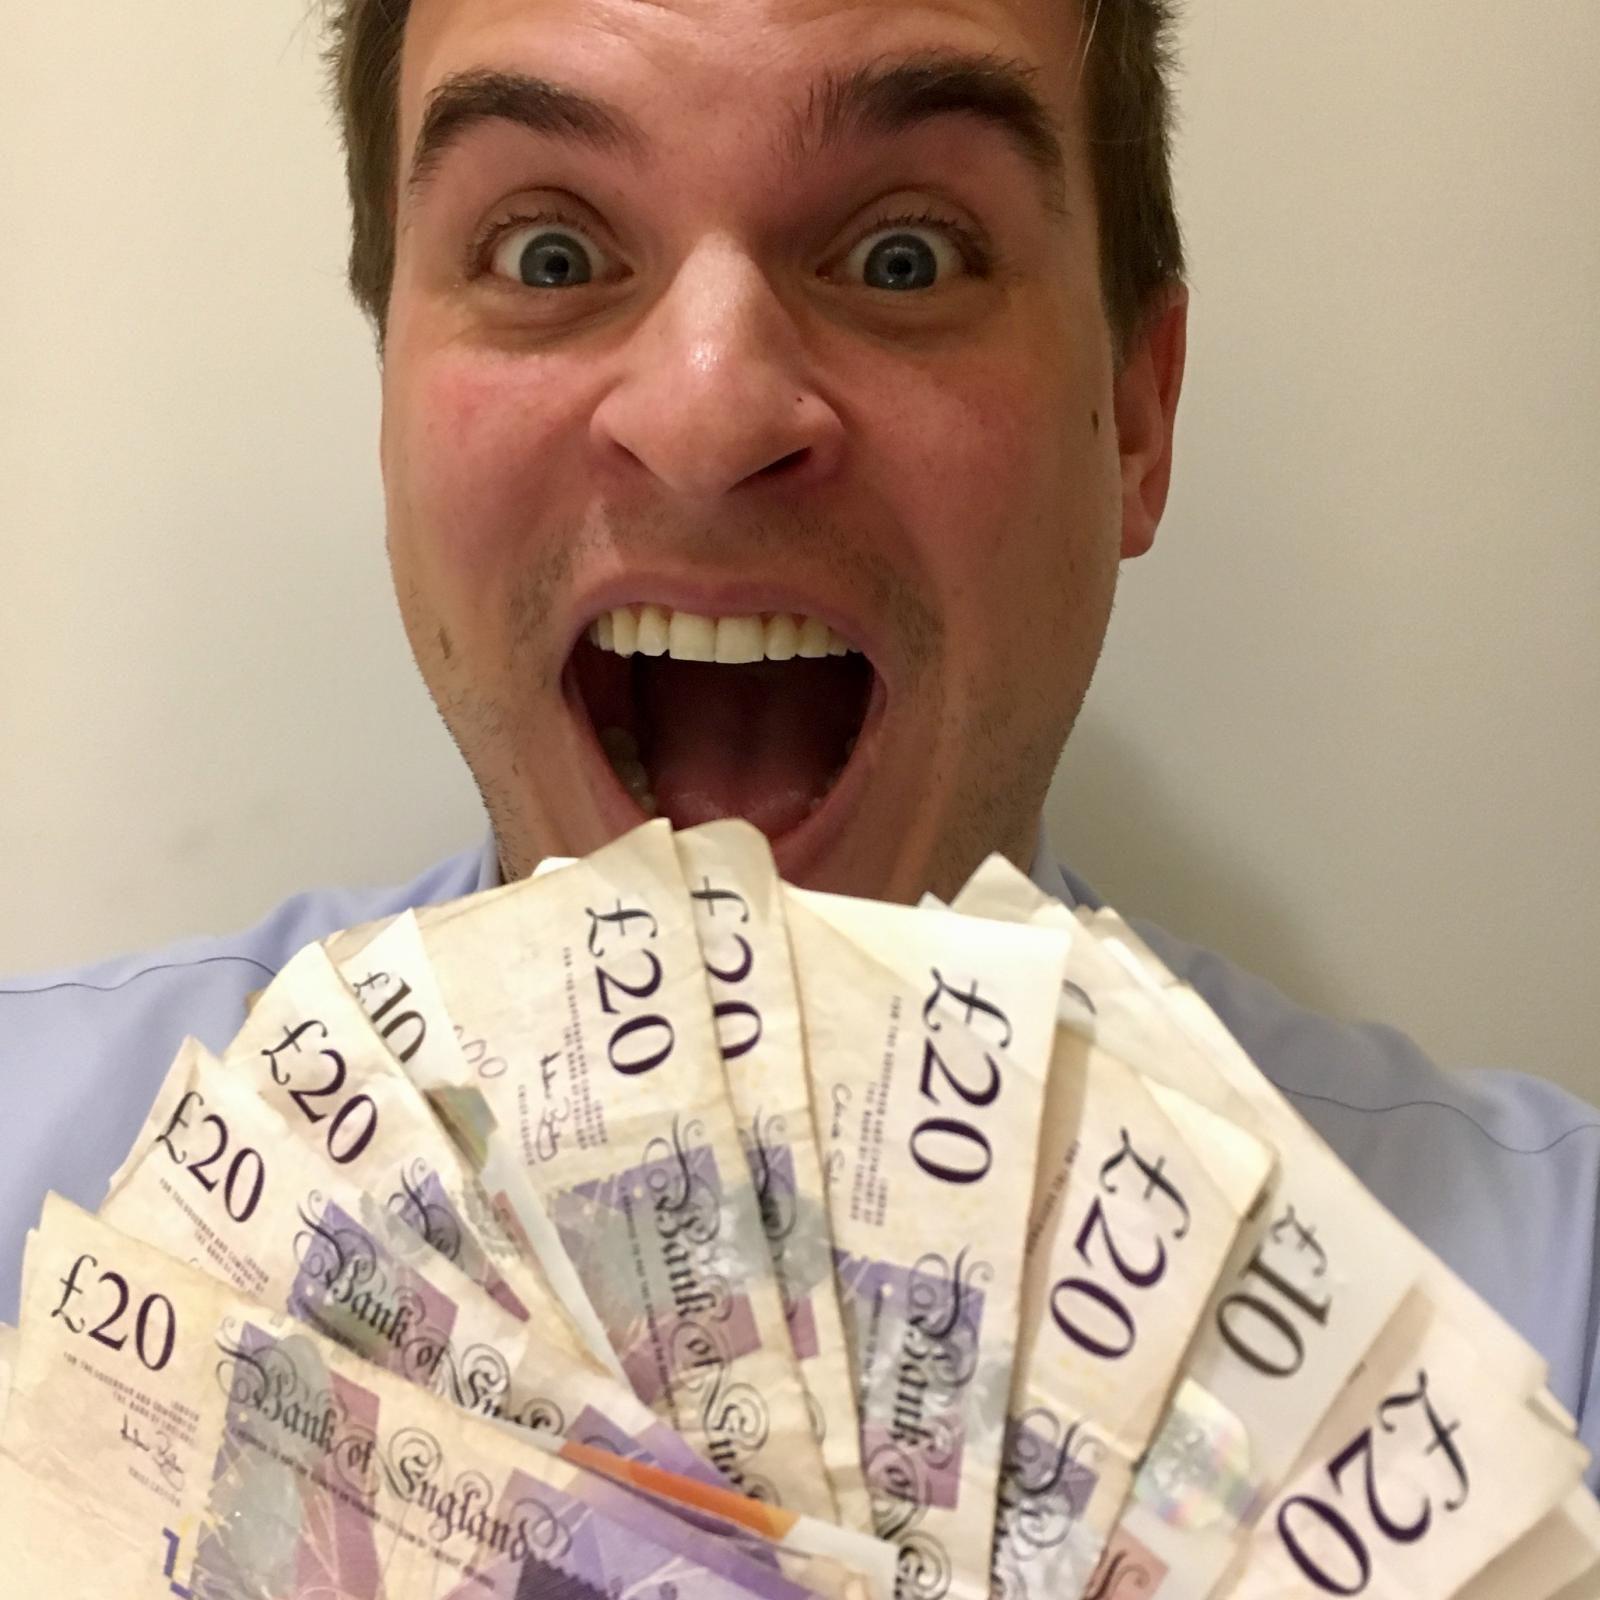 FANCY WINNING £1,000 CASH TO GO ON AN ADVENTURE?